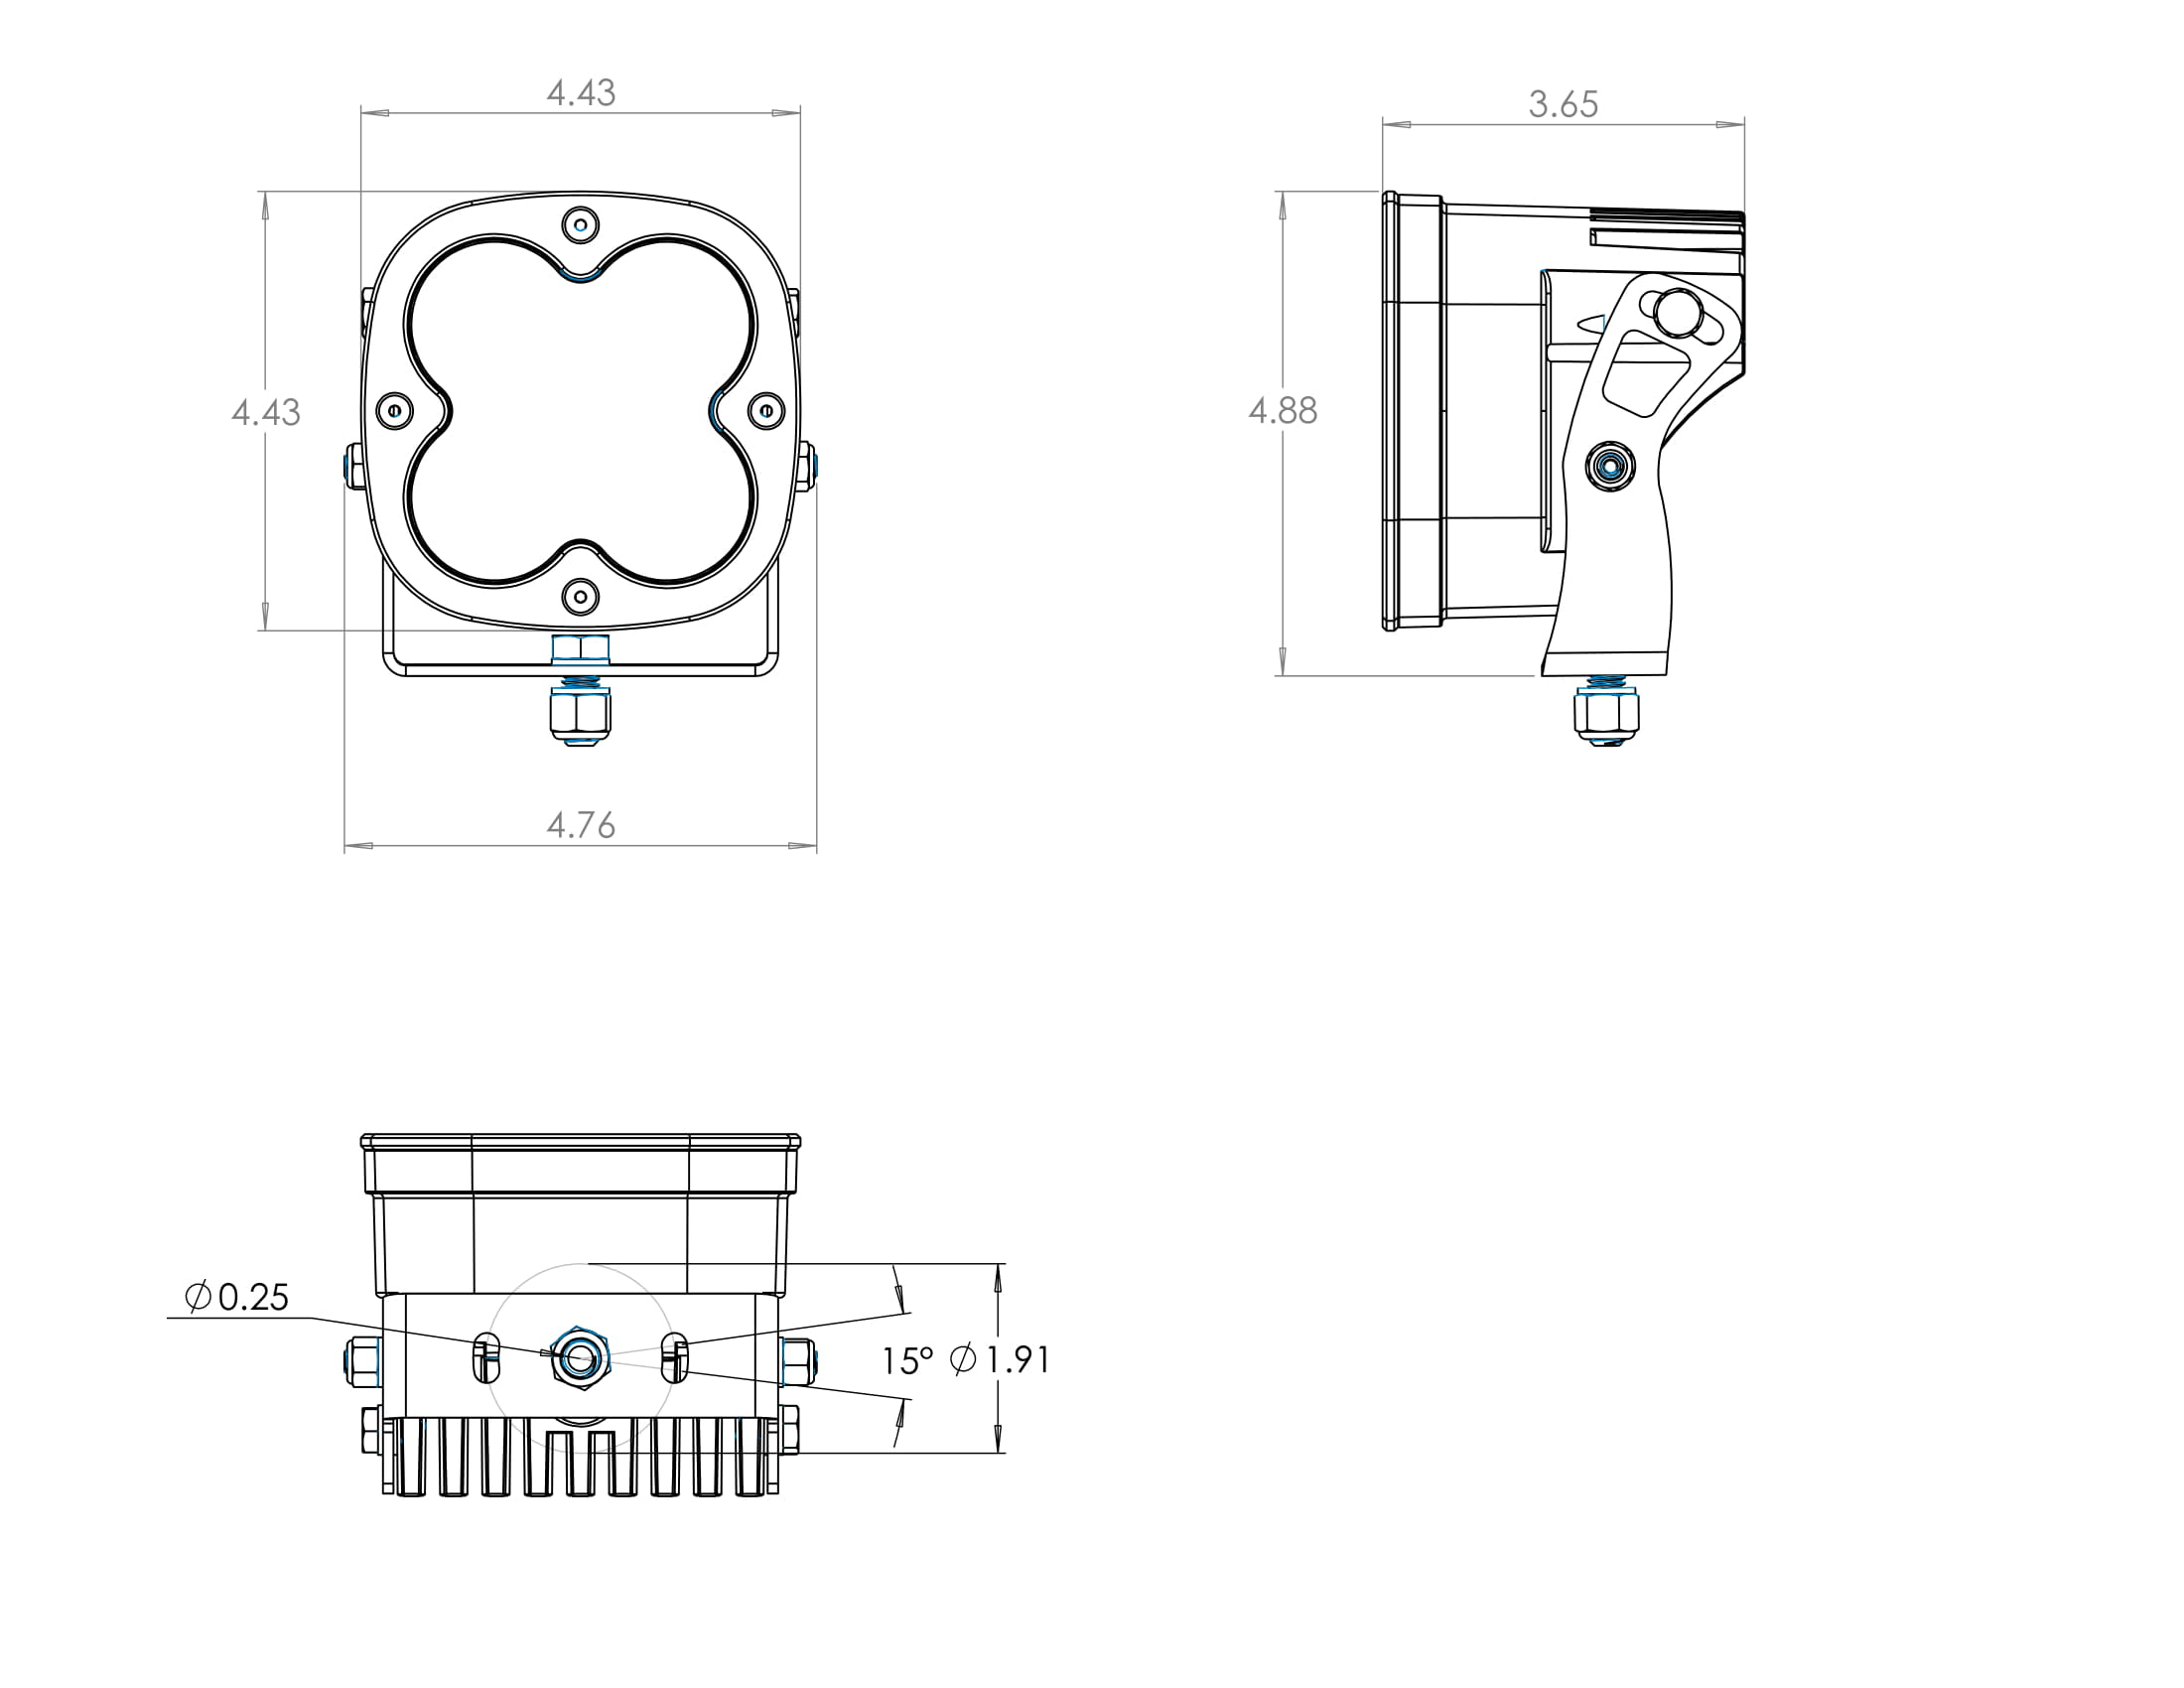 Baja Designs XL80, UTV LED Pod Light